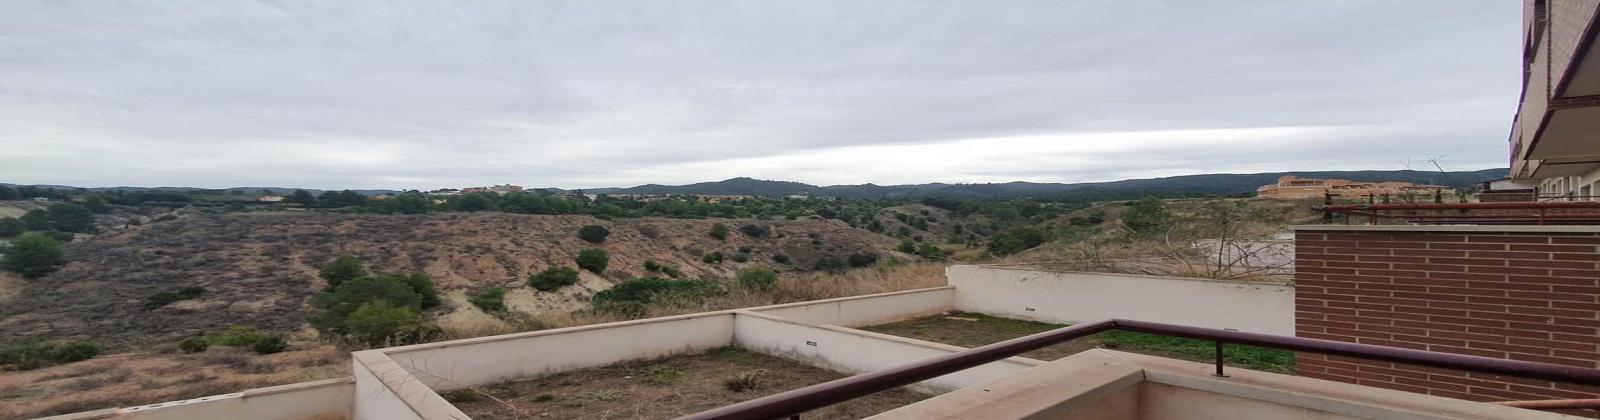 Vivienda chalet venta Torre Guil Frondoso Valley 4 dormitorios